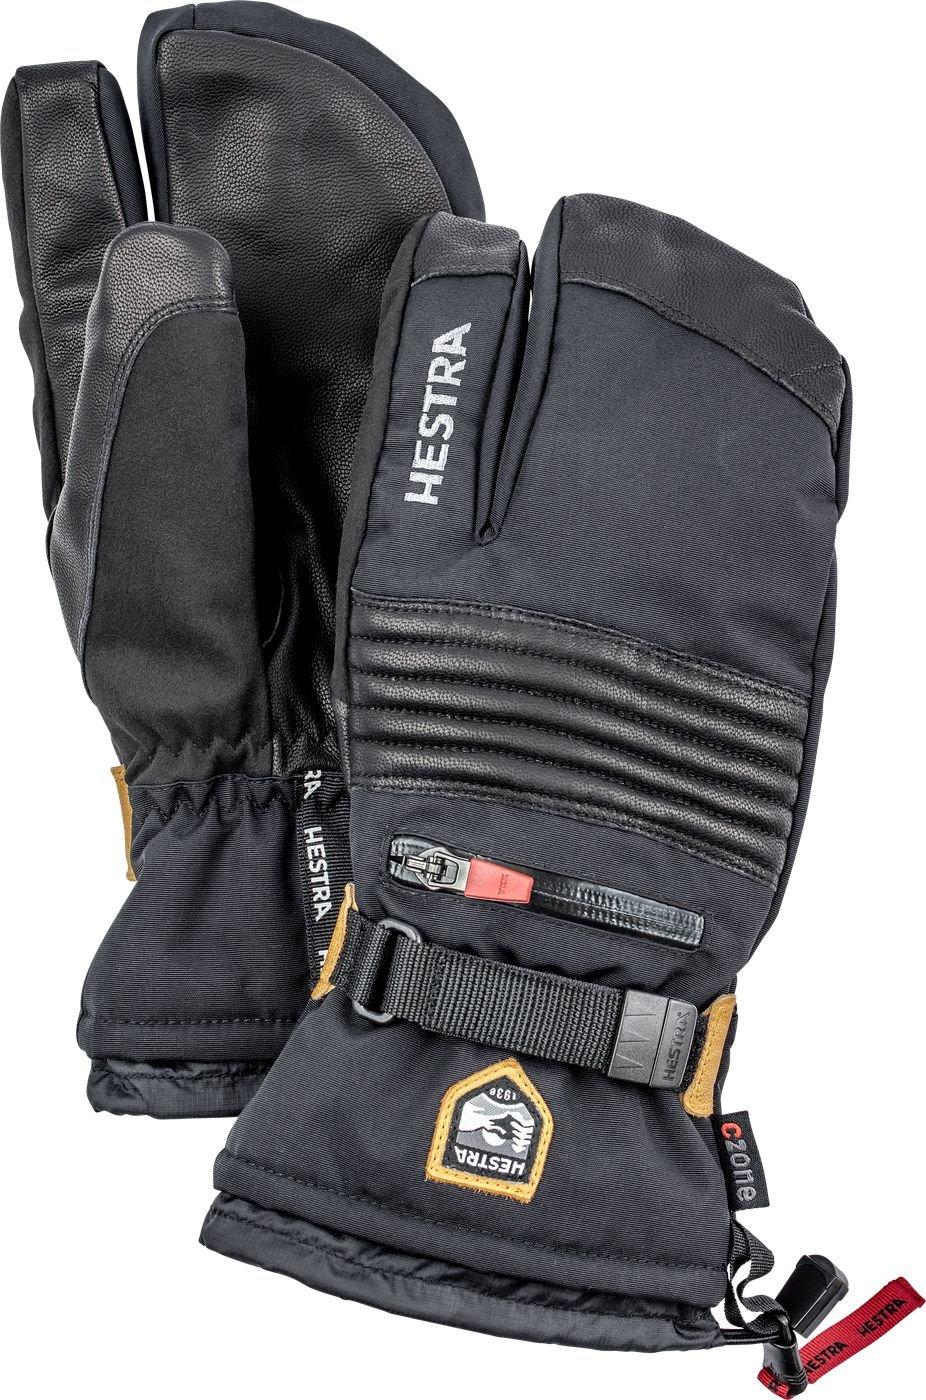 Hestra All Mountain Czone 3 Finger Gloves Hestra Gloves 31722